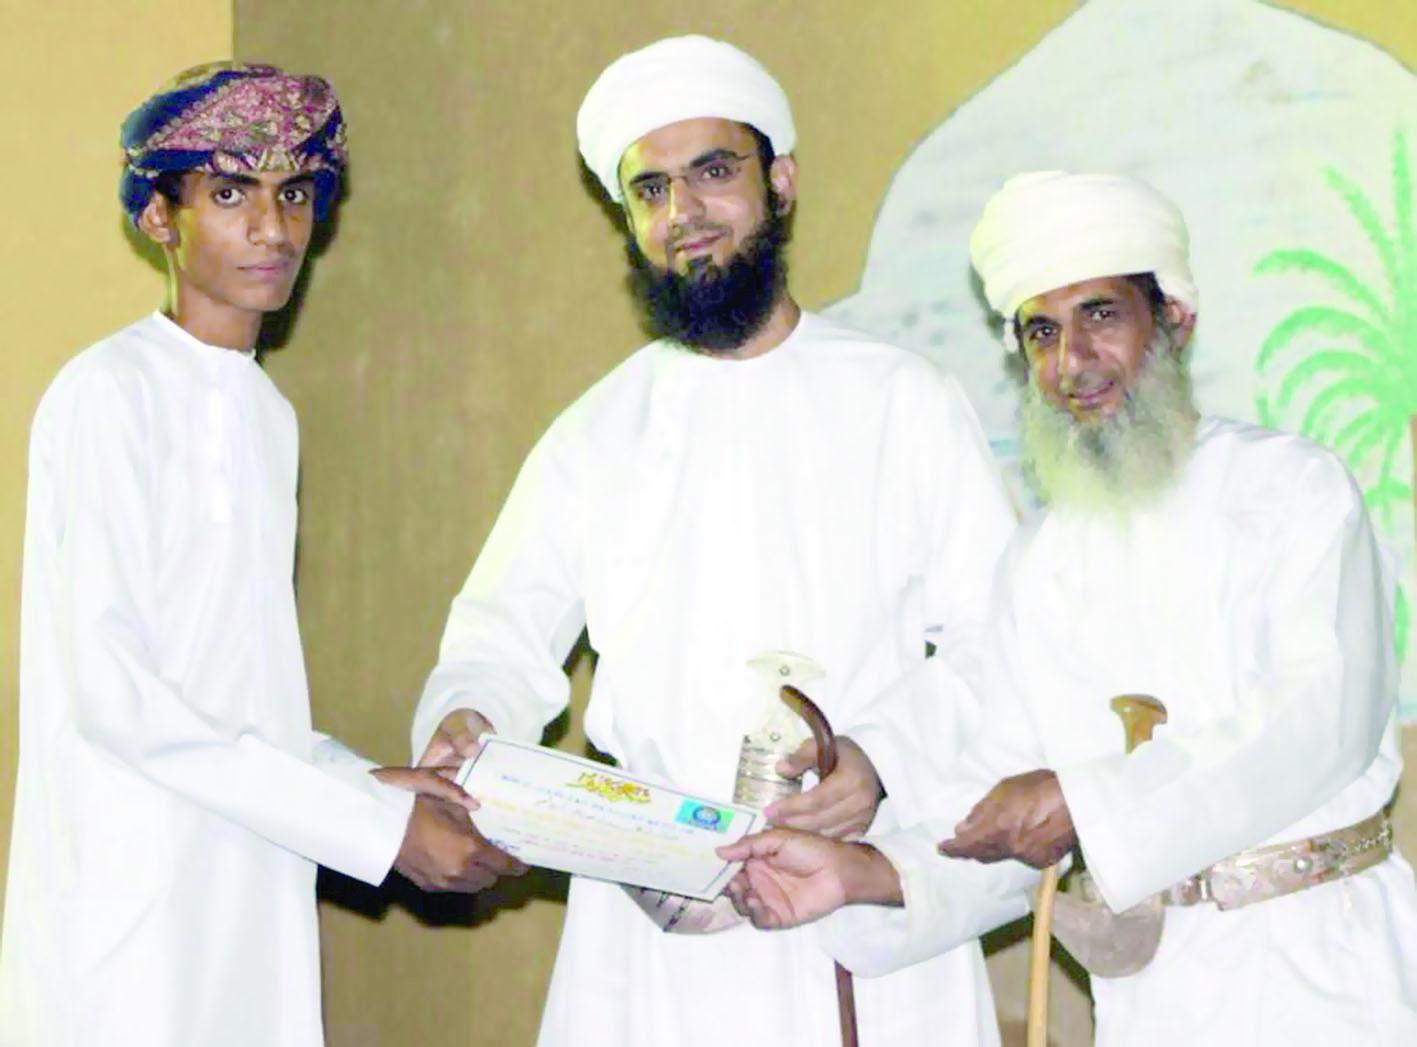 اختتام مسابقة القرآن الكريم لفريق الشبيبة بسمائل